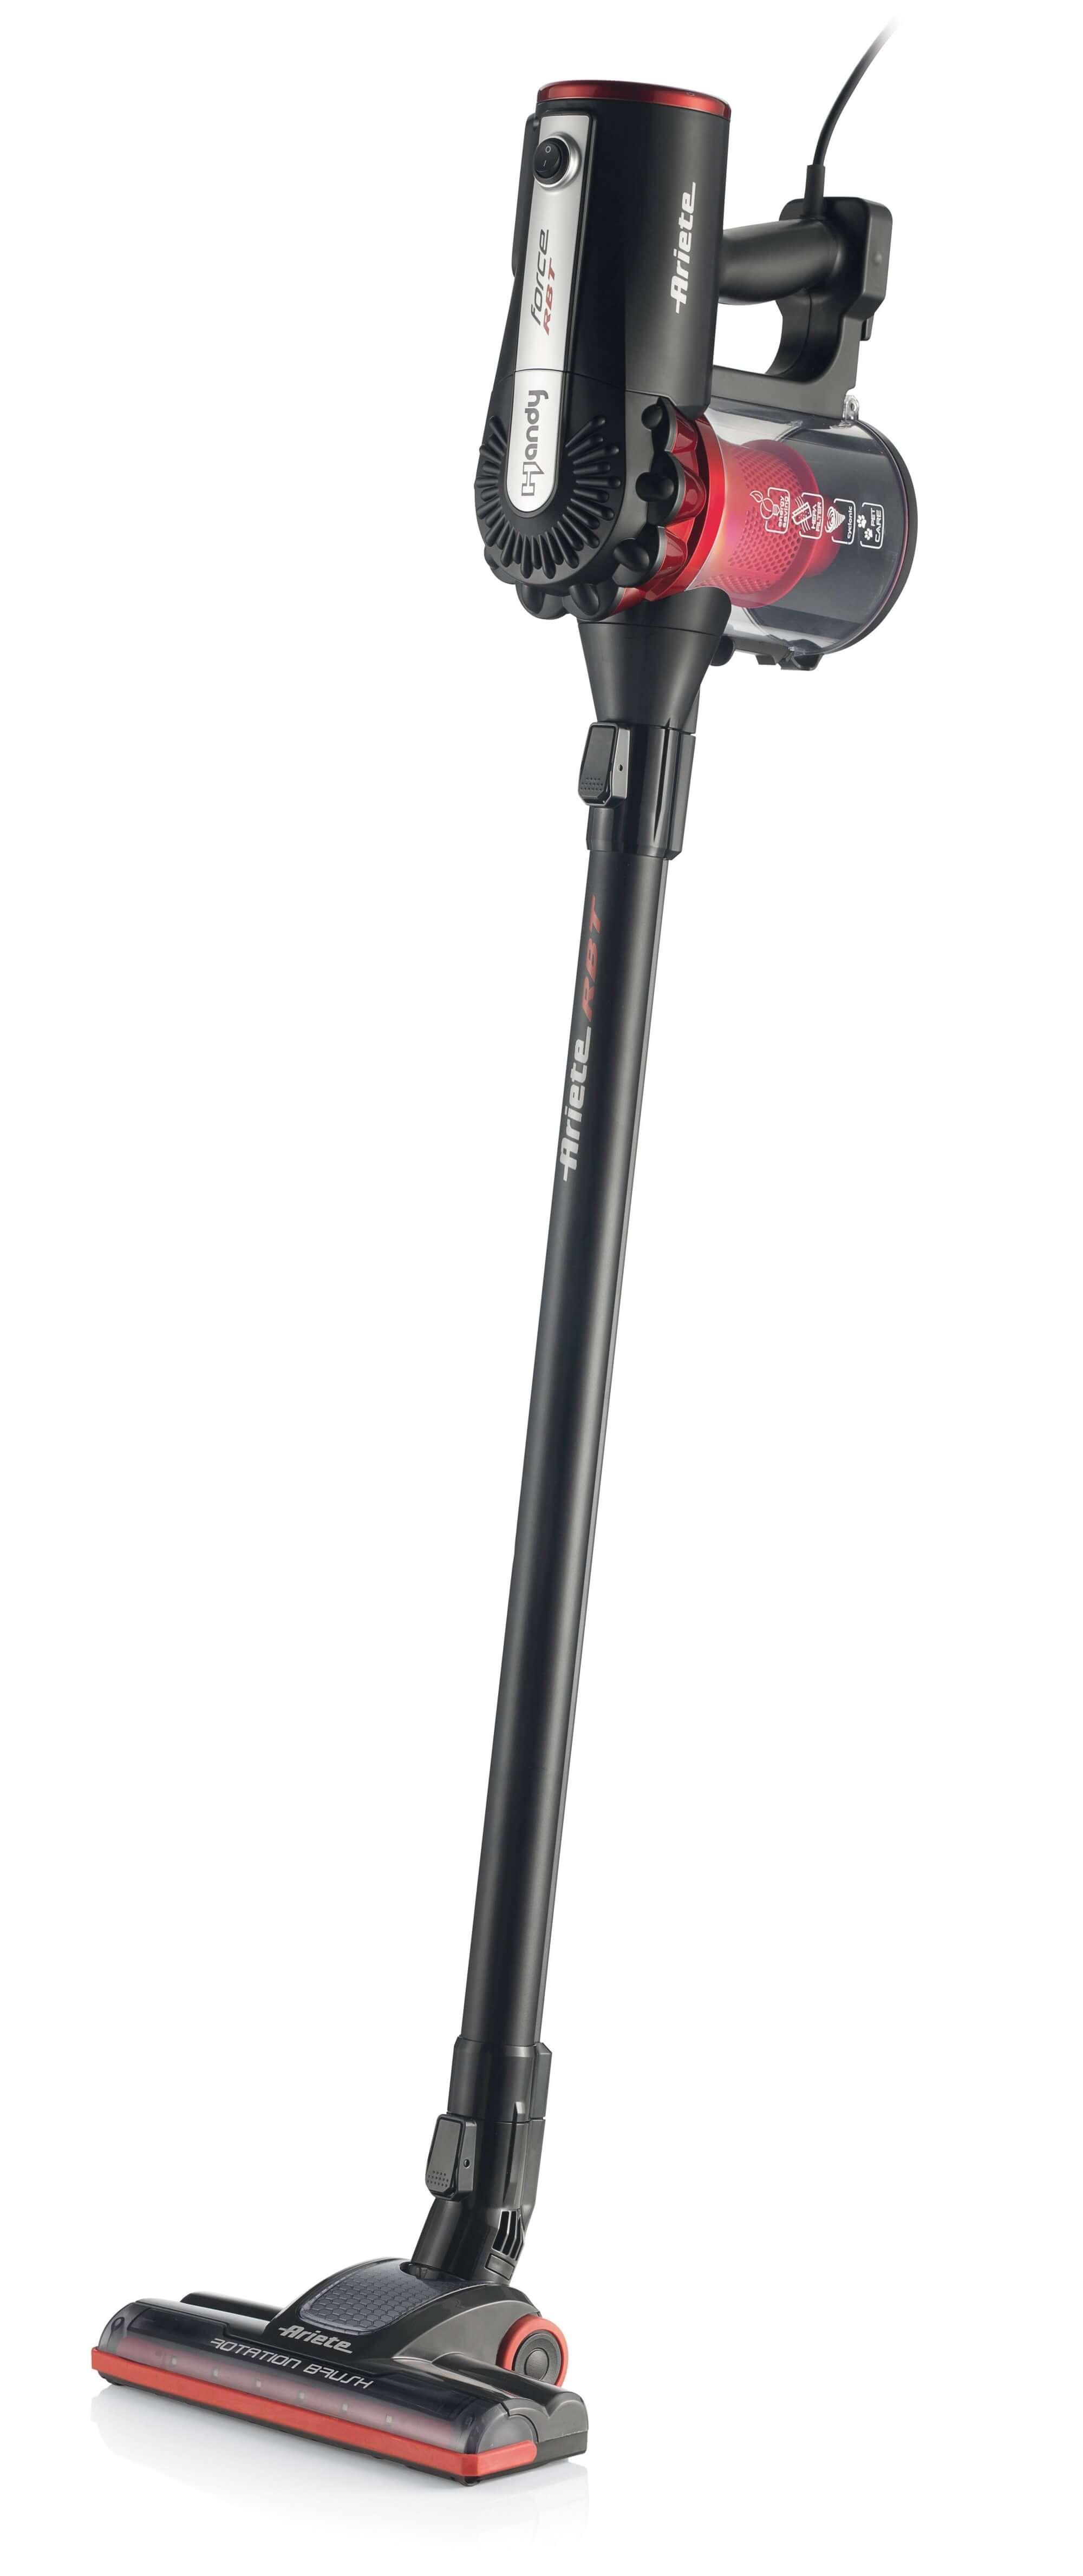 Scopa elettrica con spazzola motorizzata - Handy Force RBT